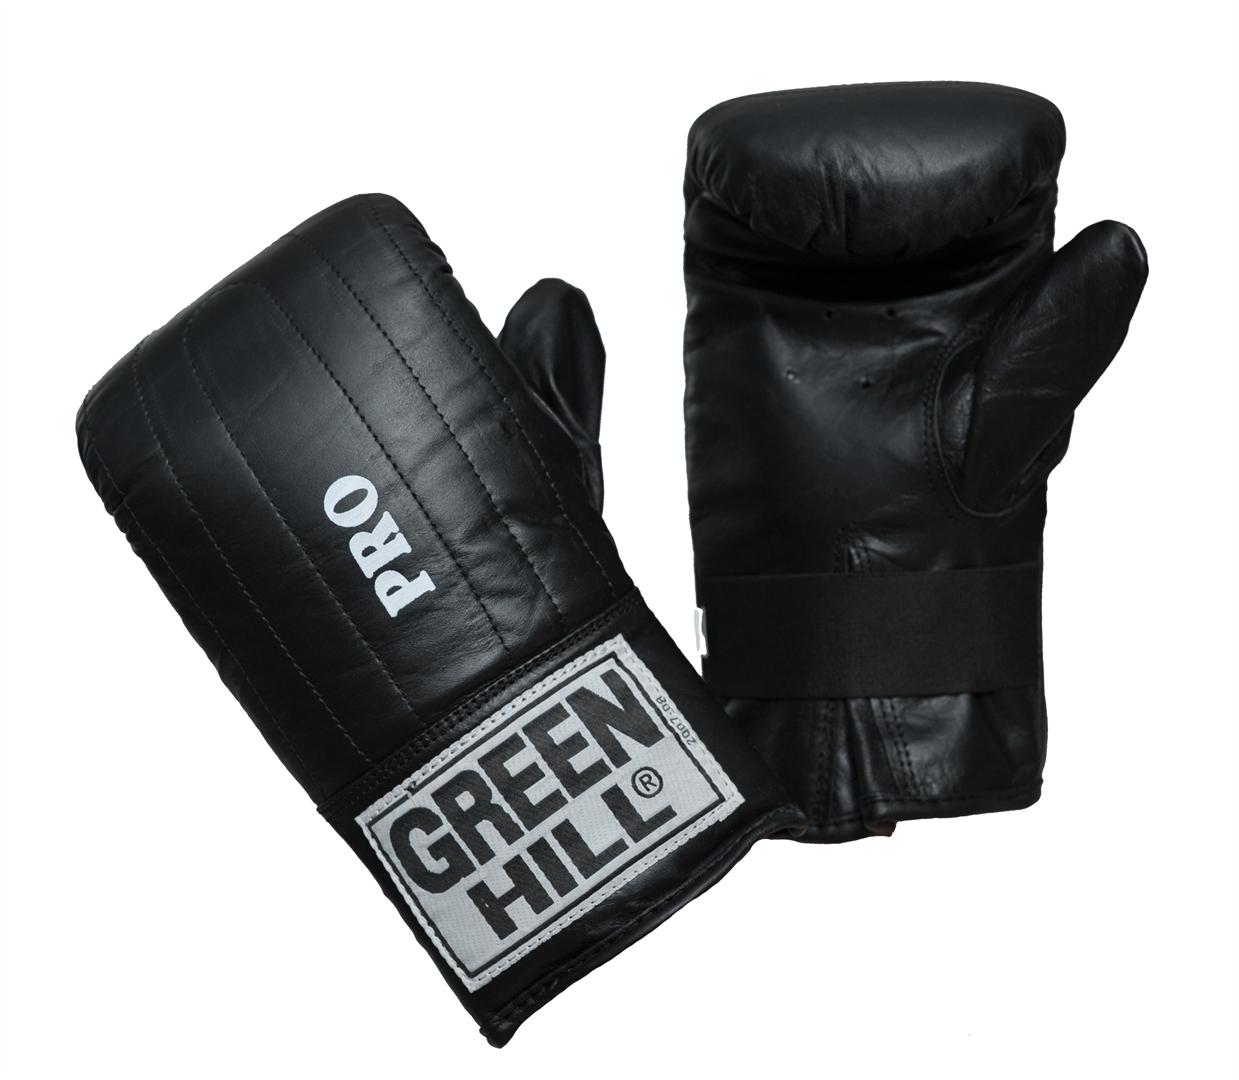 Перчатки снарядные Green Hill Pro, цвет: черный. Размер SAP02013Снарядные перчатки Green Hill Pro предназначены для отработки ударов по мешкам и лапам, а также для легких спаррингов. Перчатки выполнены из натуральной кожи с мягким наполнителем внутри. Манжет не резинке позволяет быстро снимать и одевать перчатки, плотно фиксирует их на руке.